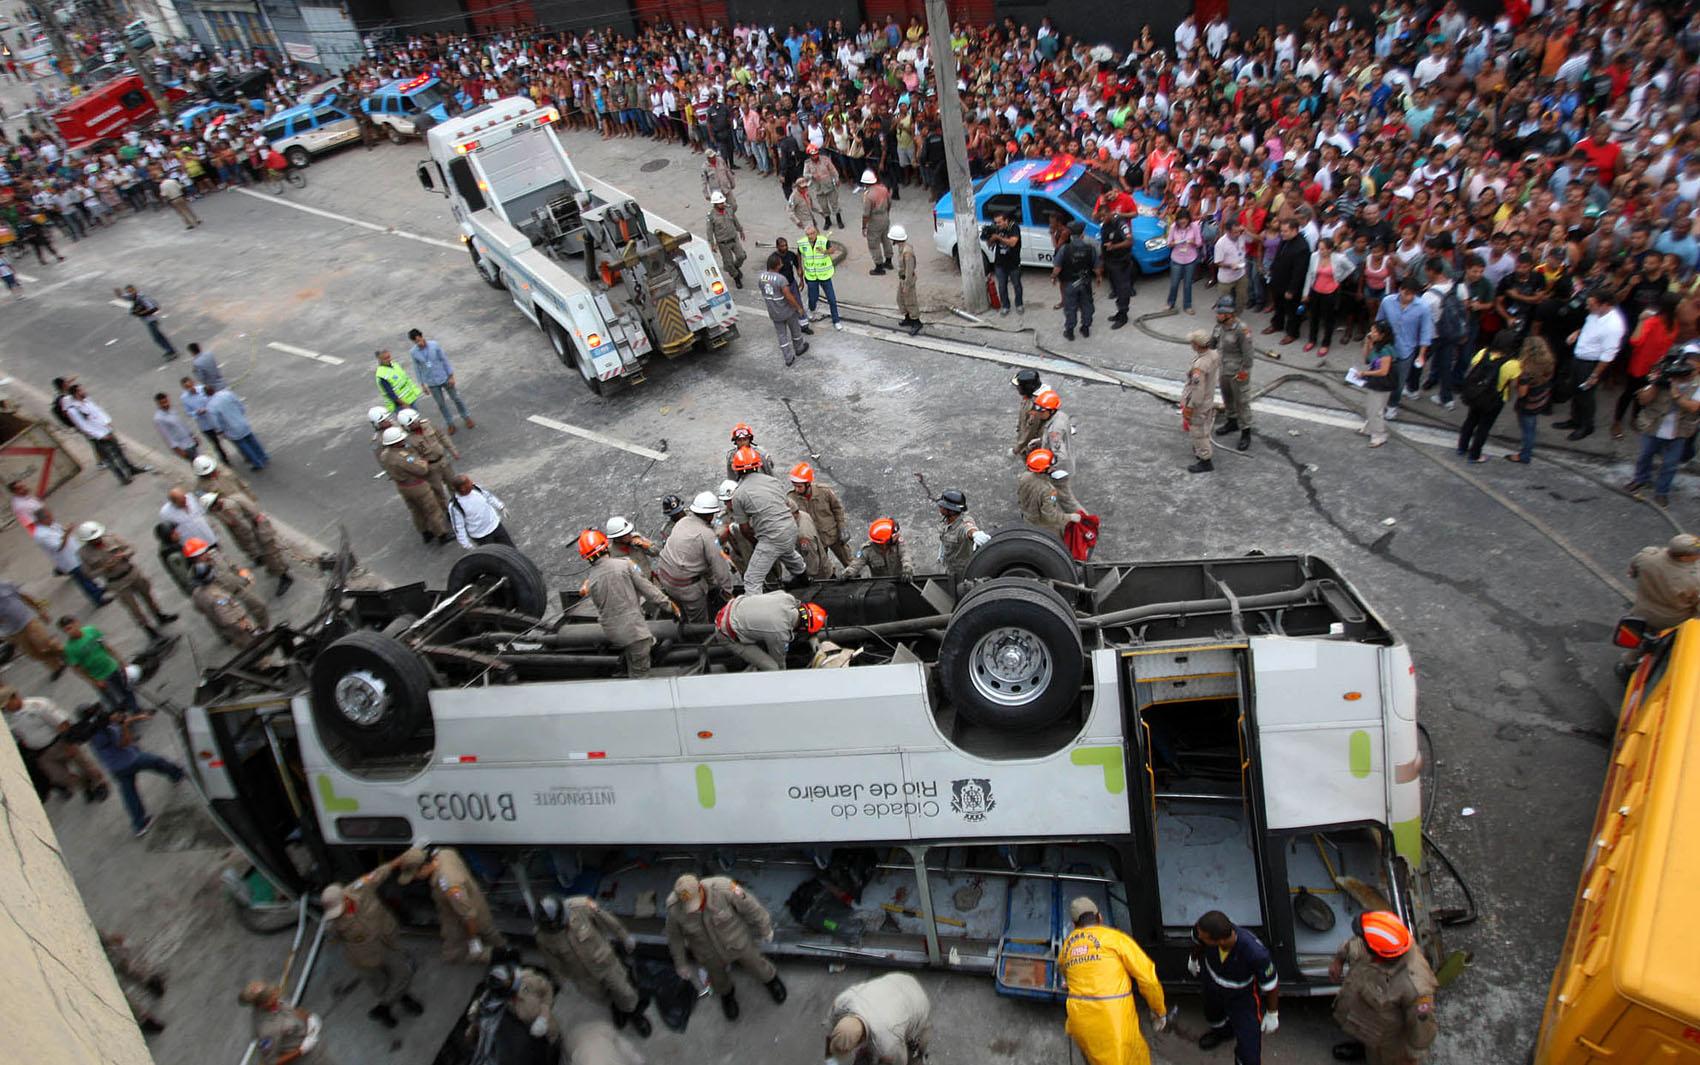 Curiosos acompanham o resgate das vítimas do acidente que deixou 7 mortos no Rio de Janeiro.